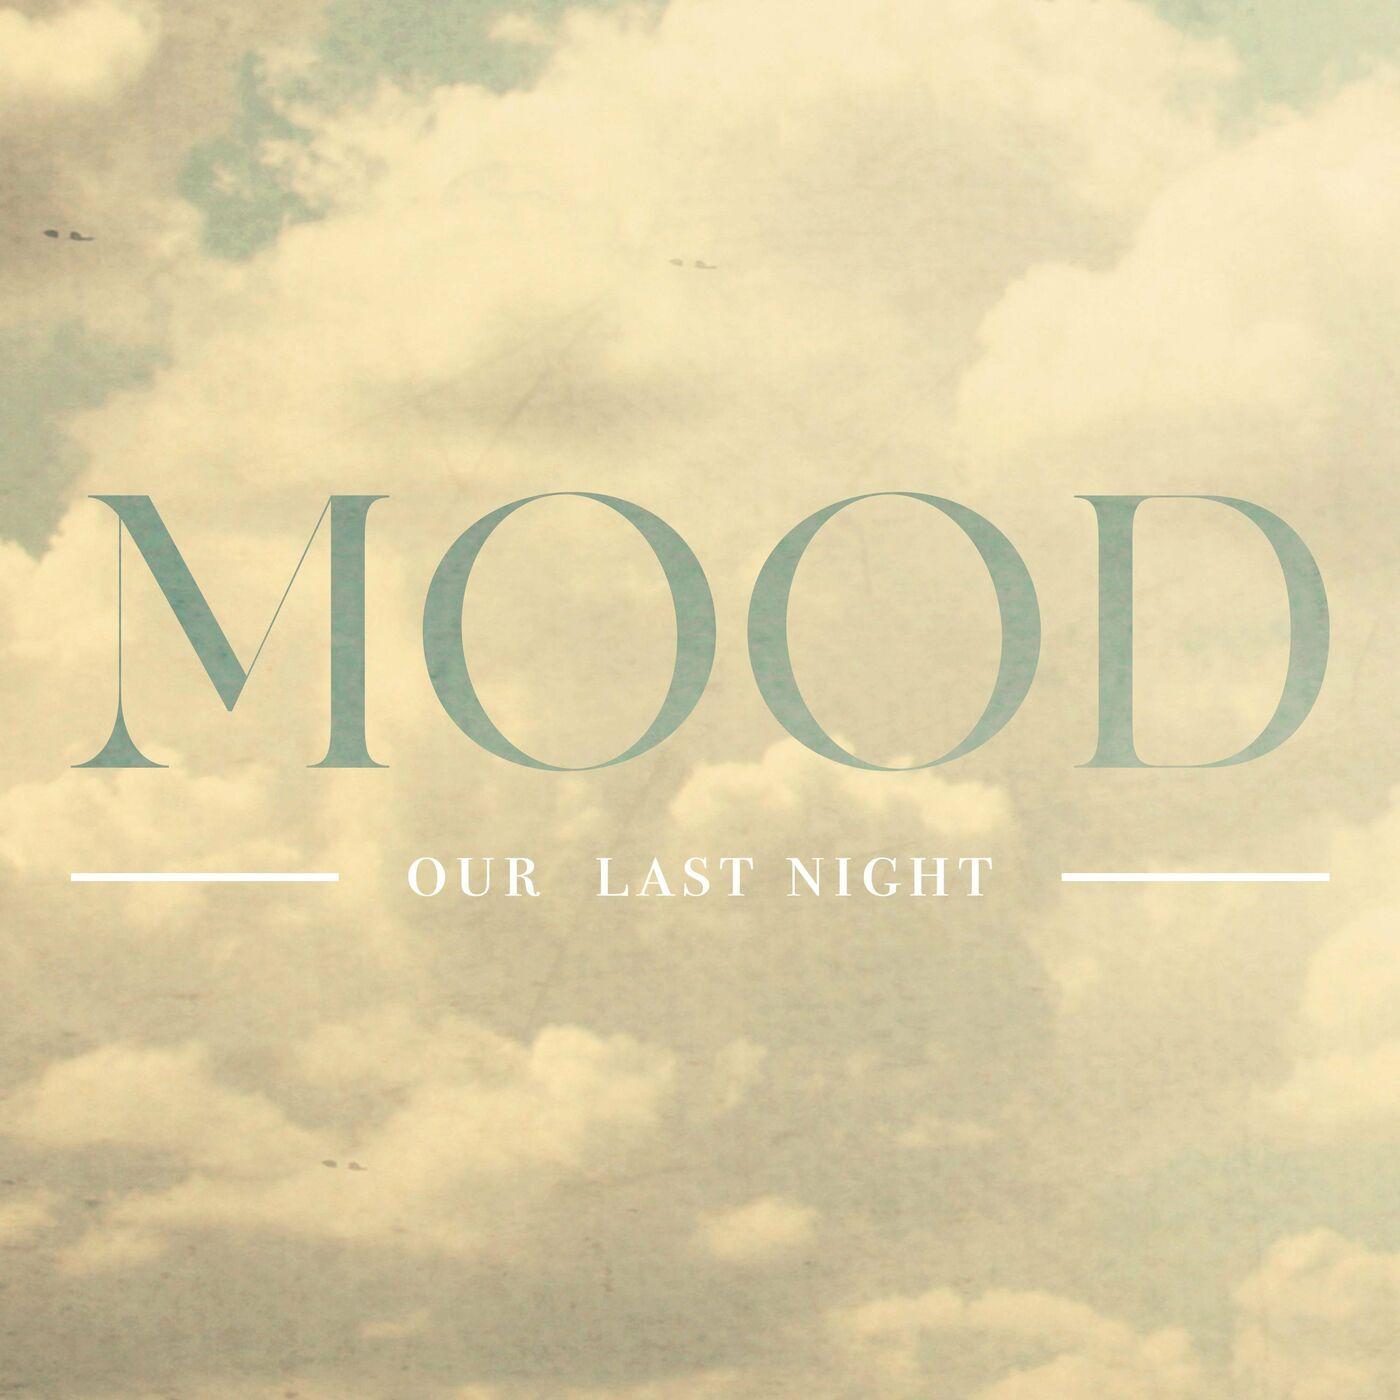 Our Last Night - Mood [single] (2020)